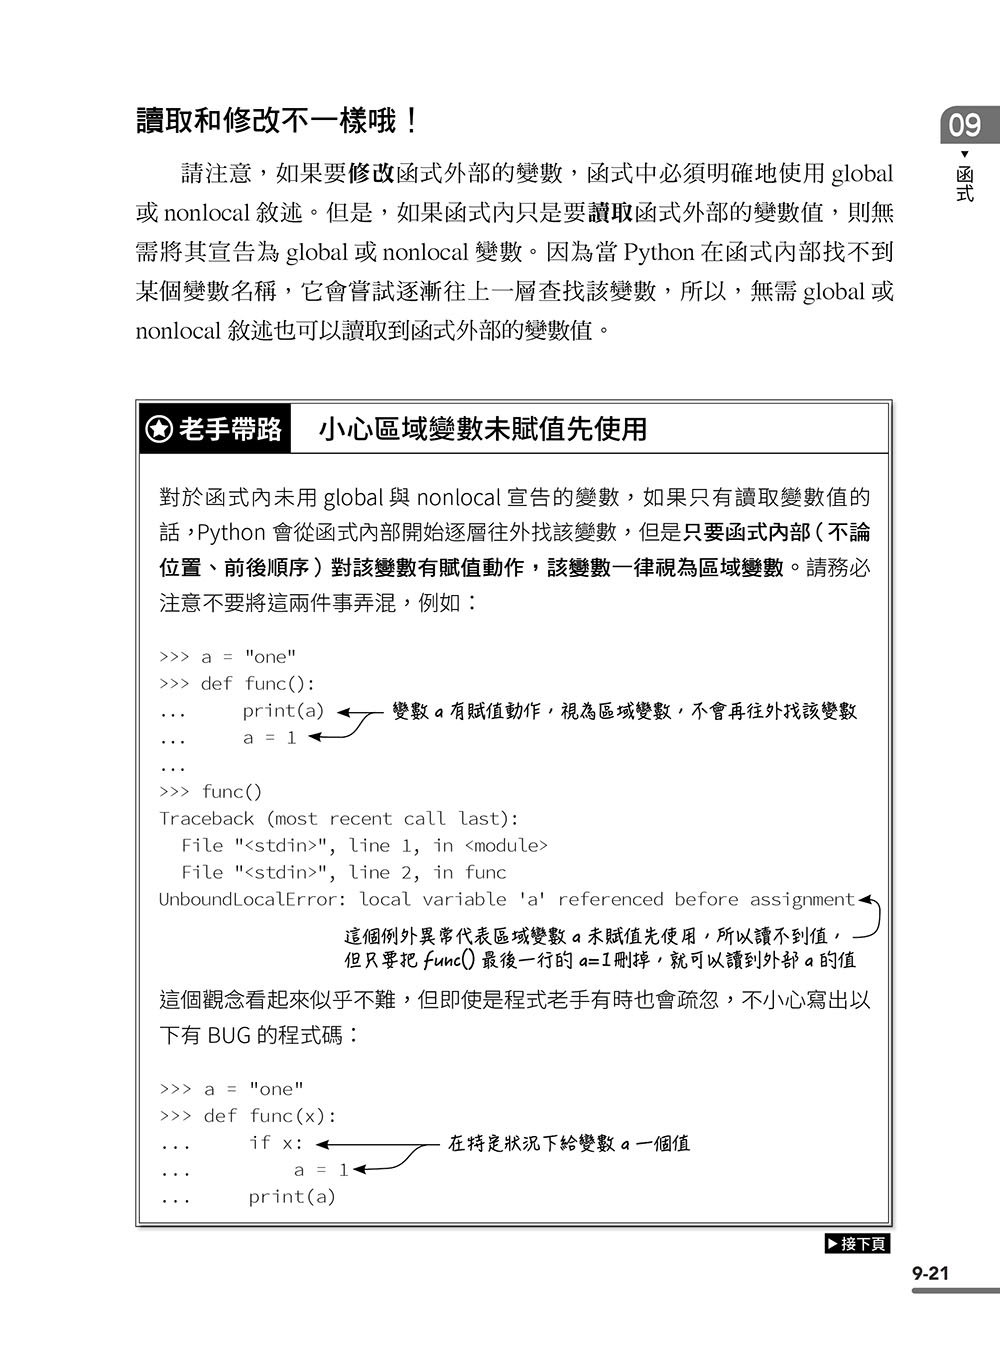 Python 技術者們 - 練功!老手帶路教你精通正宗 Python 程式 (The Quick Python Book, 3/e)-preview-6